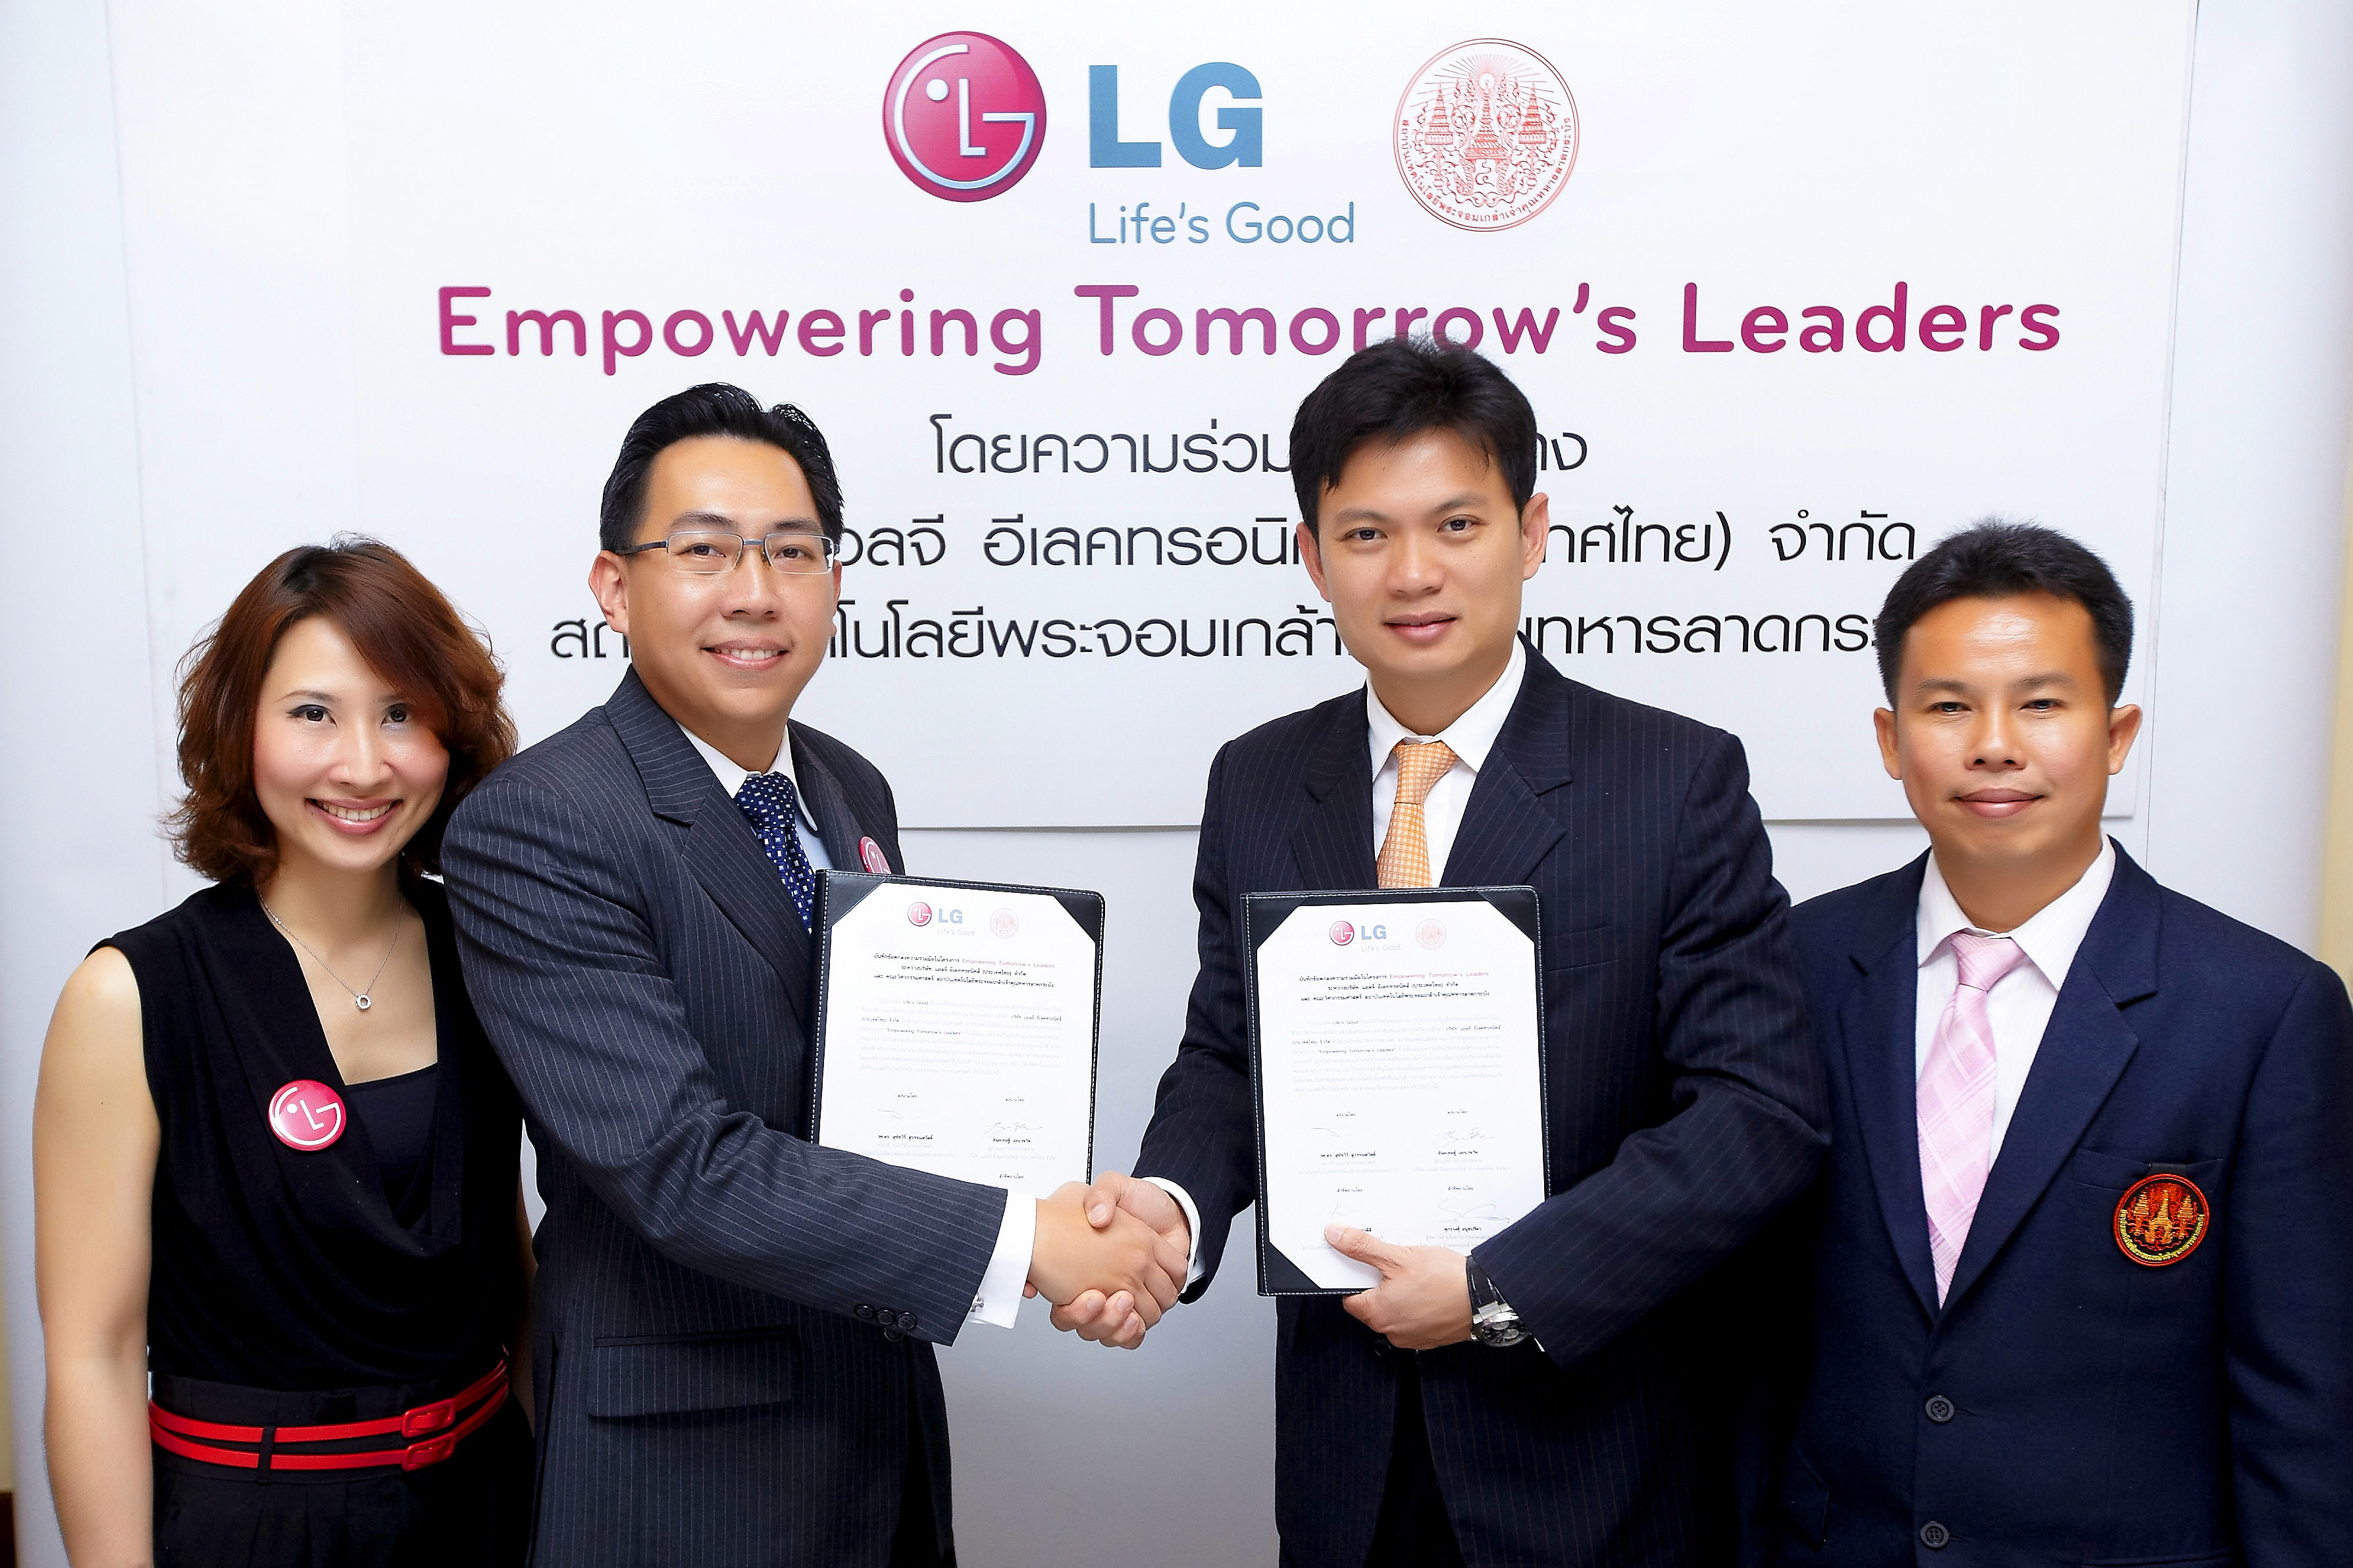 """โครงการ """"Empowering Tomorrow's Leaders"""" เสริมศักยภาพการเรียนรู้เยาวชนไทย พร้อมก้าวสู่การเป็นผู้นำทางด้านนวัตกรรม"""